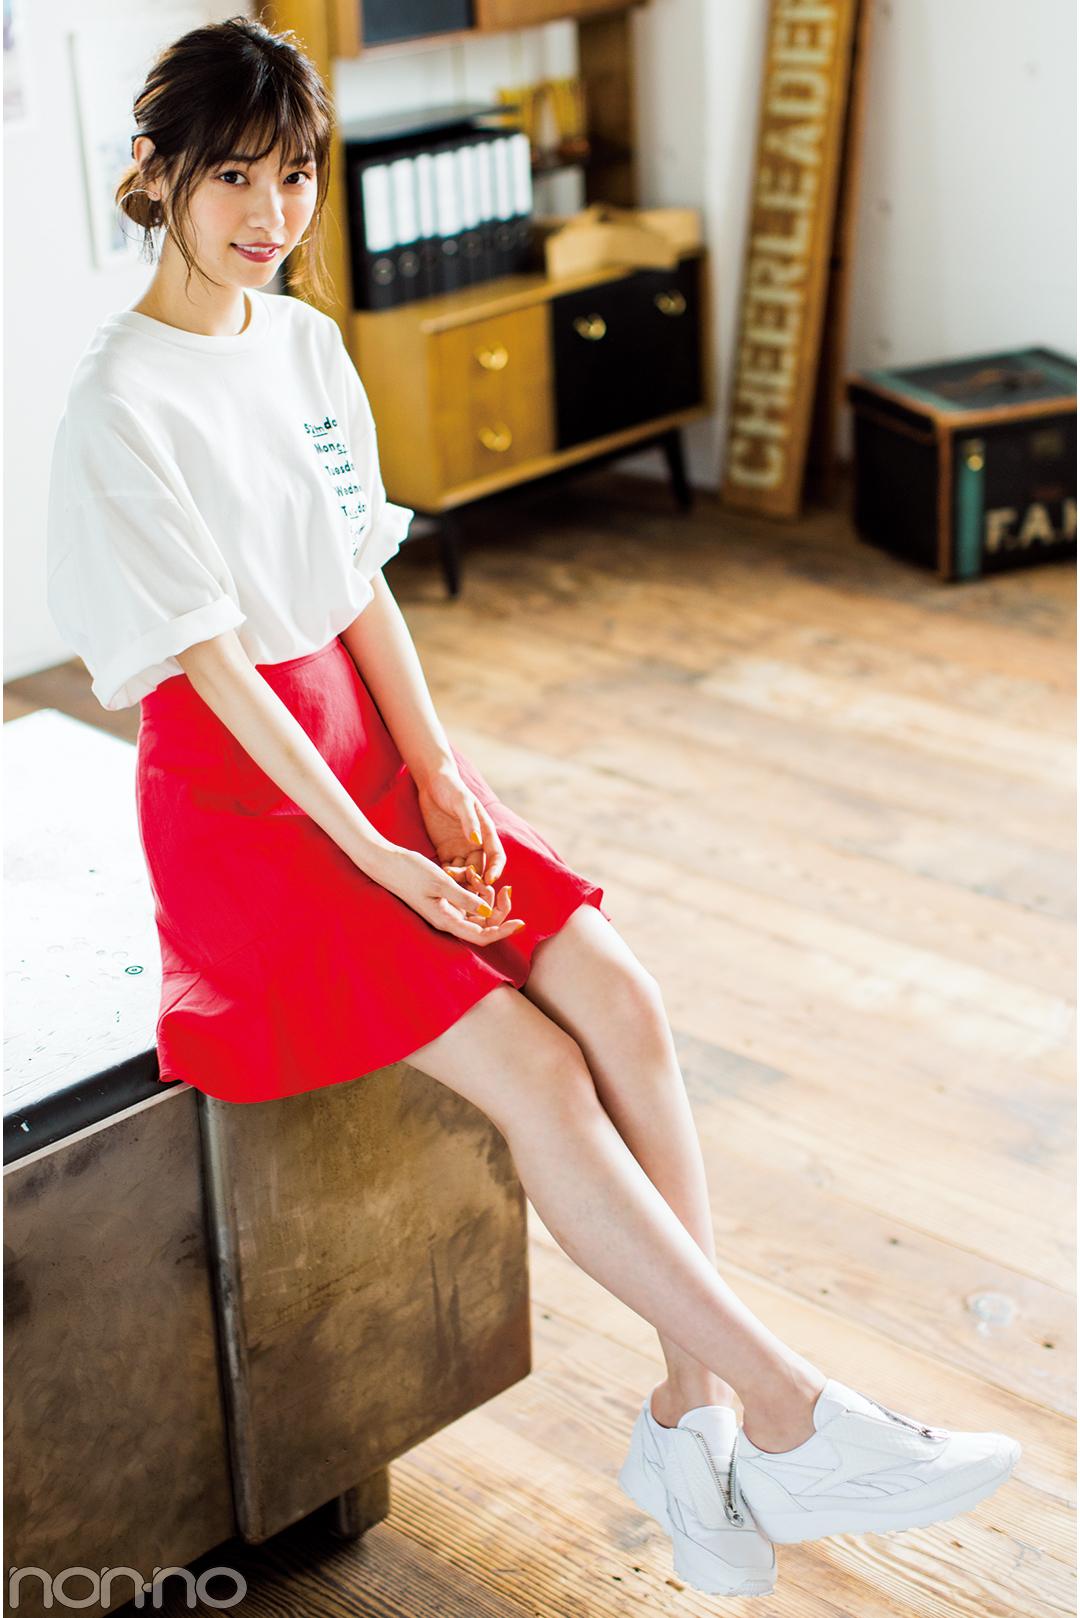 """子どもっぽく見えない!西野七瀬の""""甘く着ない""""夏のミニスカートが可愛い♡_1_3-1"""